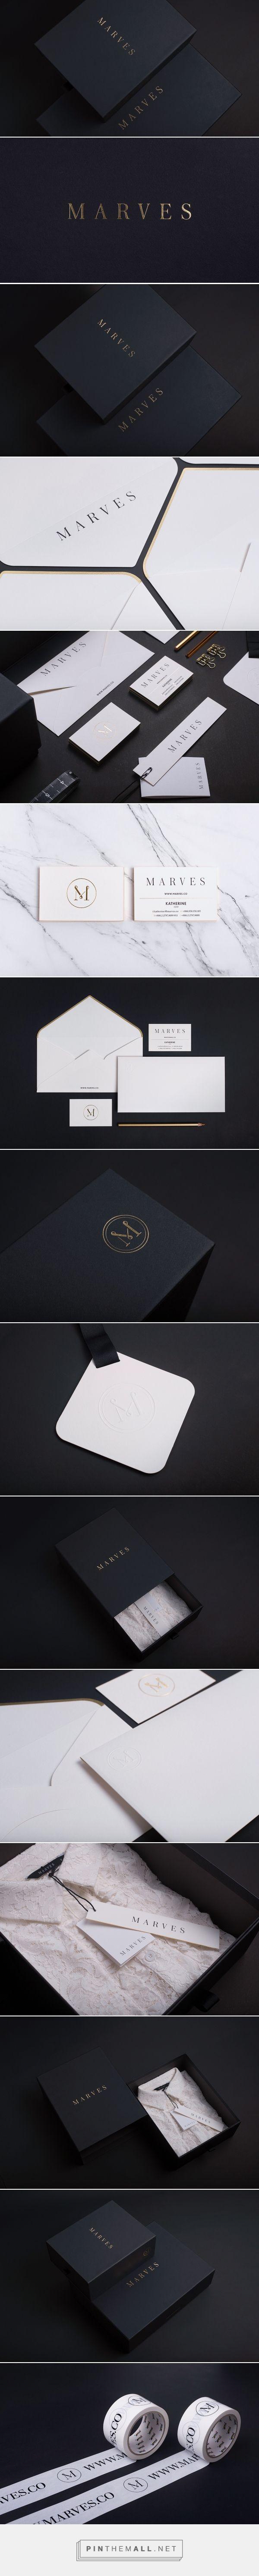 0d5476bcaec3291543ab7b5df28a843d--identity-branding-branding-design Meilleur De De Parasol Design Concept